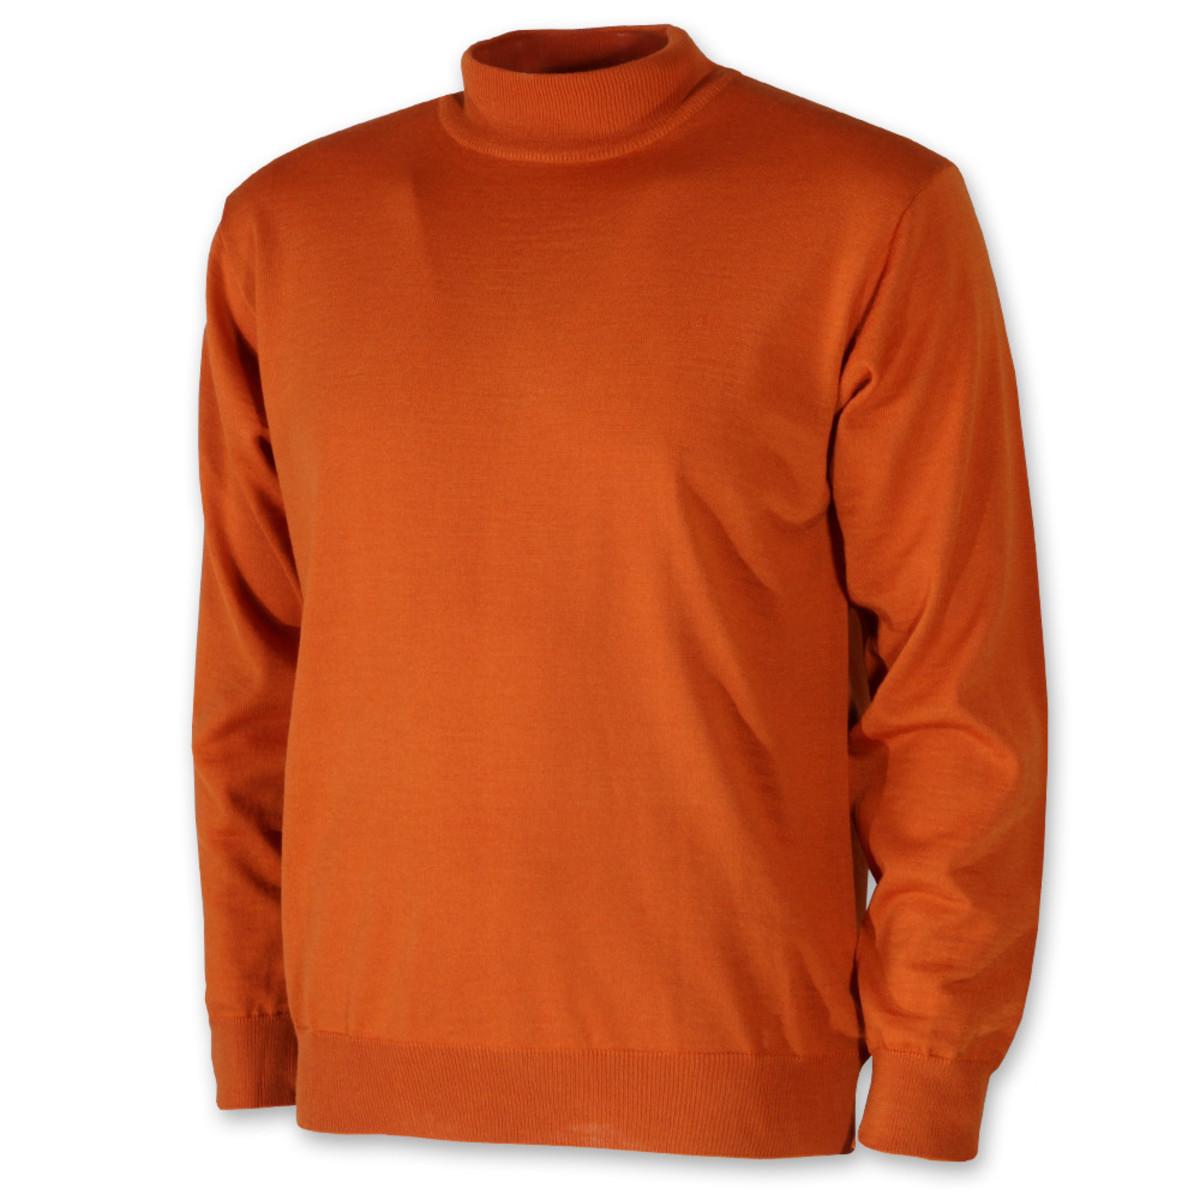 Pánsky sveter s rolákom oranžový 10370 L